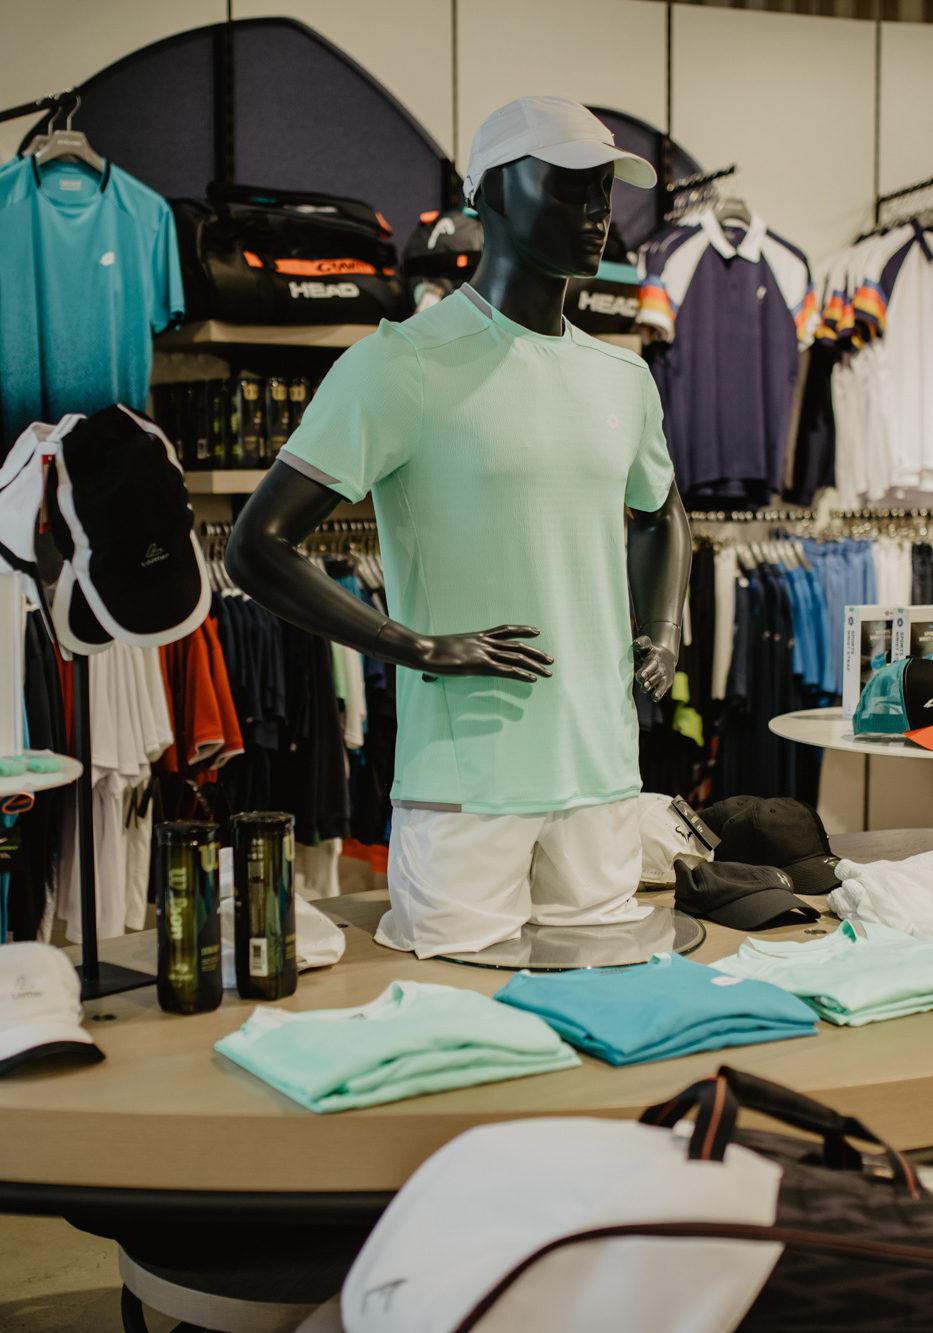 Tenniskleidung bei INTERSPORT Stöcker